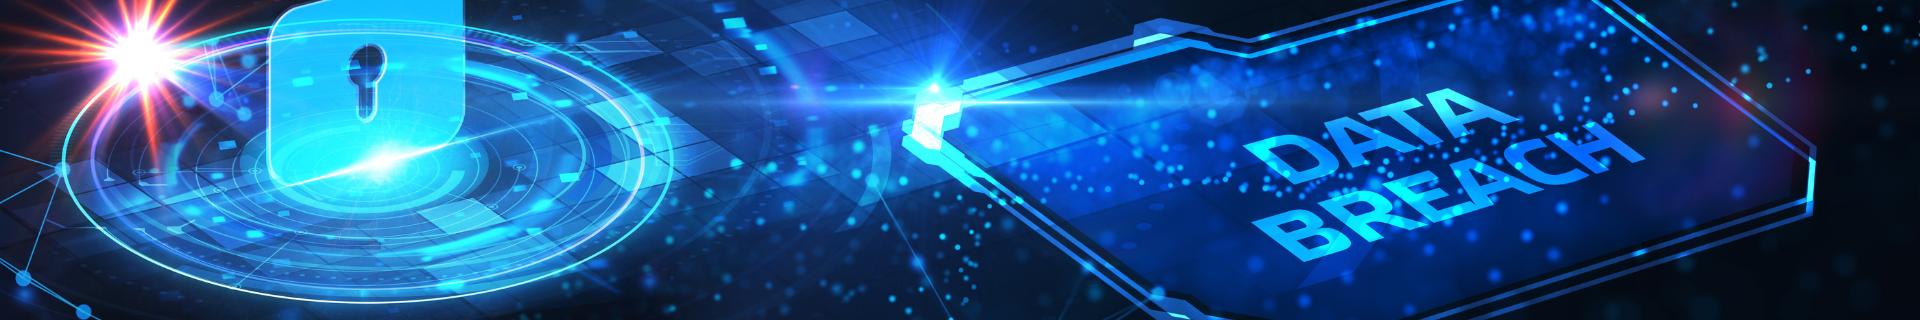 Detect, remediate and prevent data breaches